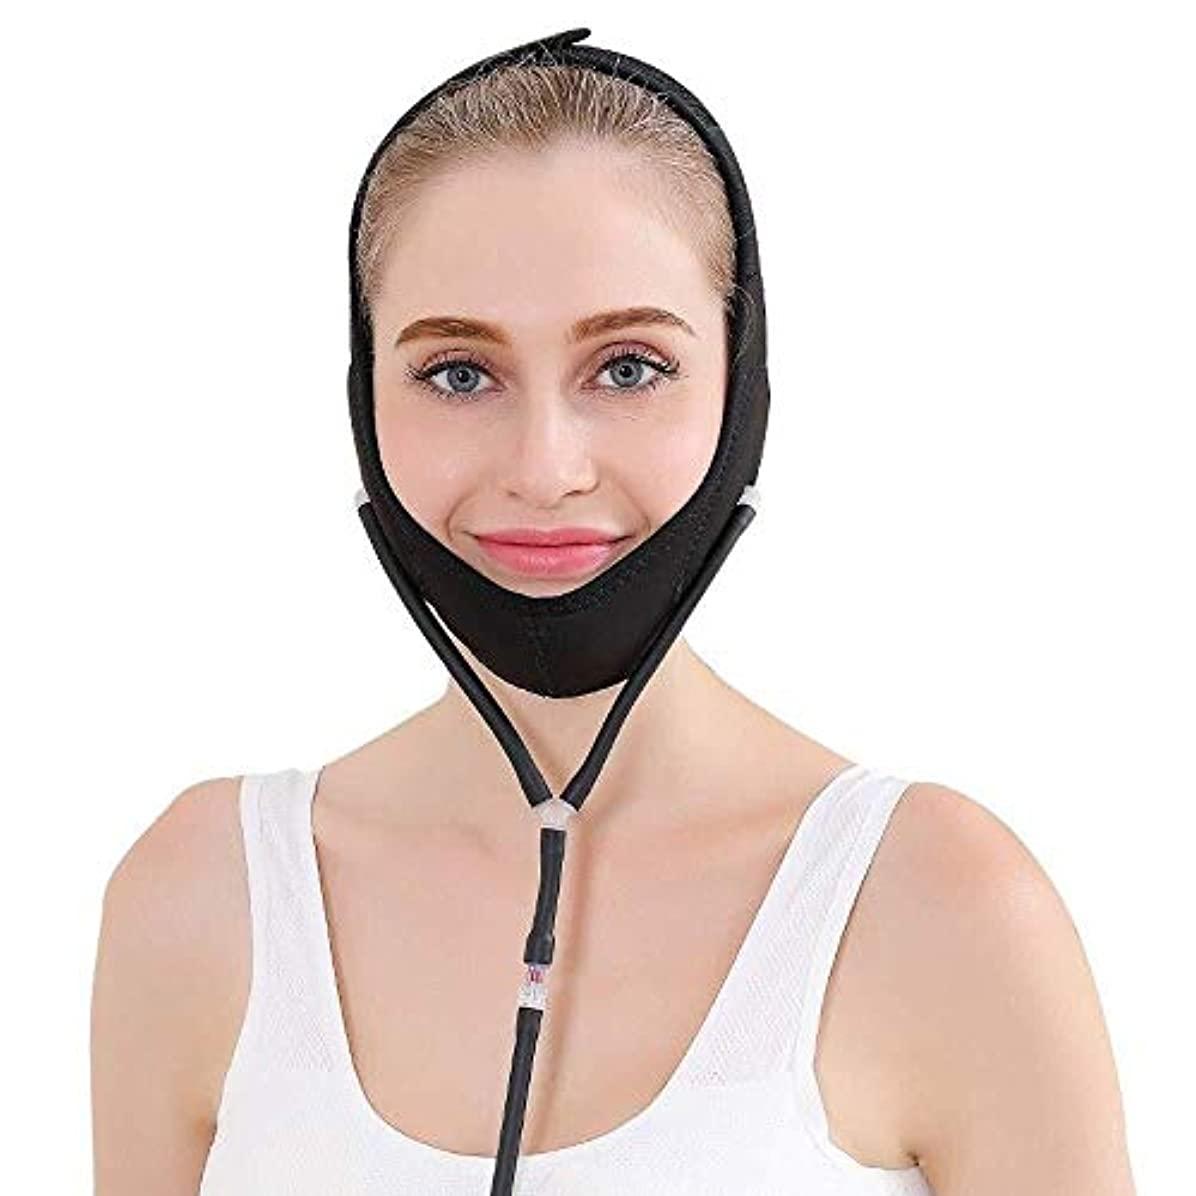 立証するかごフレットJN ベルト、インフレータブルは、ファーミングダブルチンリデューサーを持ち上げる3色のフェイスリフト包帯顔非対称中括弧フェイスマスクフェイスリフティング たるみ防止マスク (Color : B)